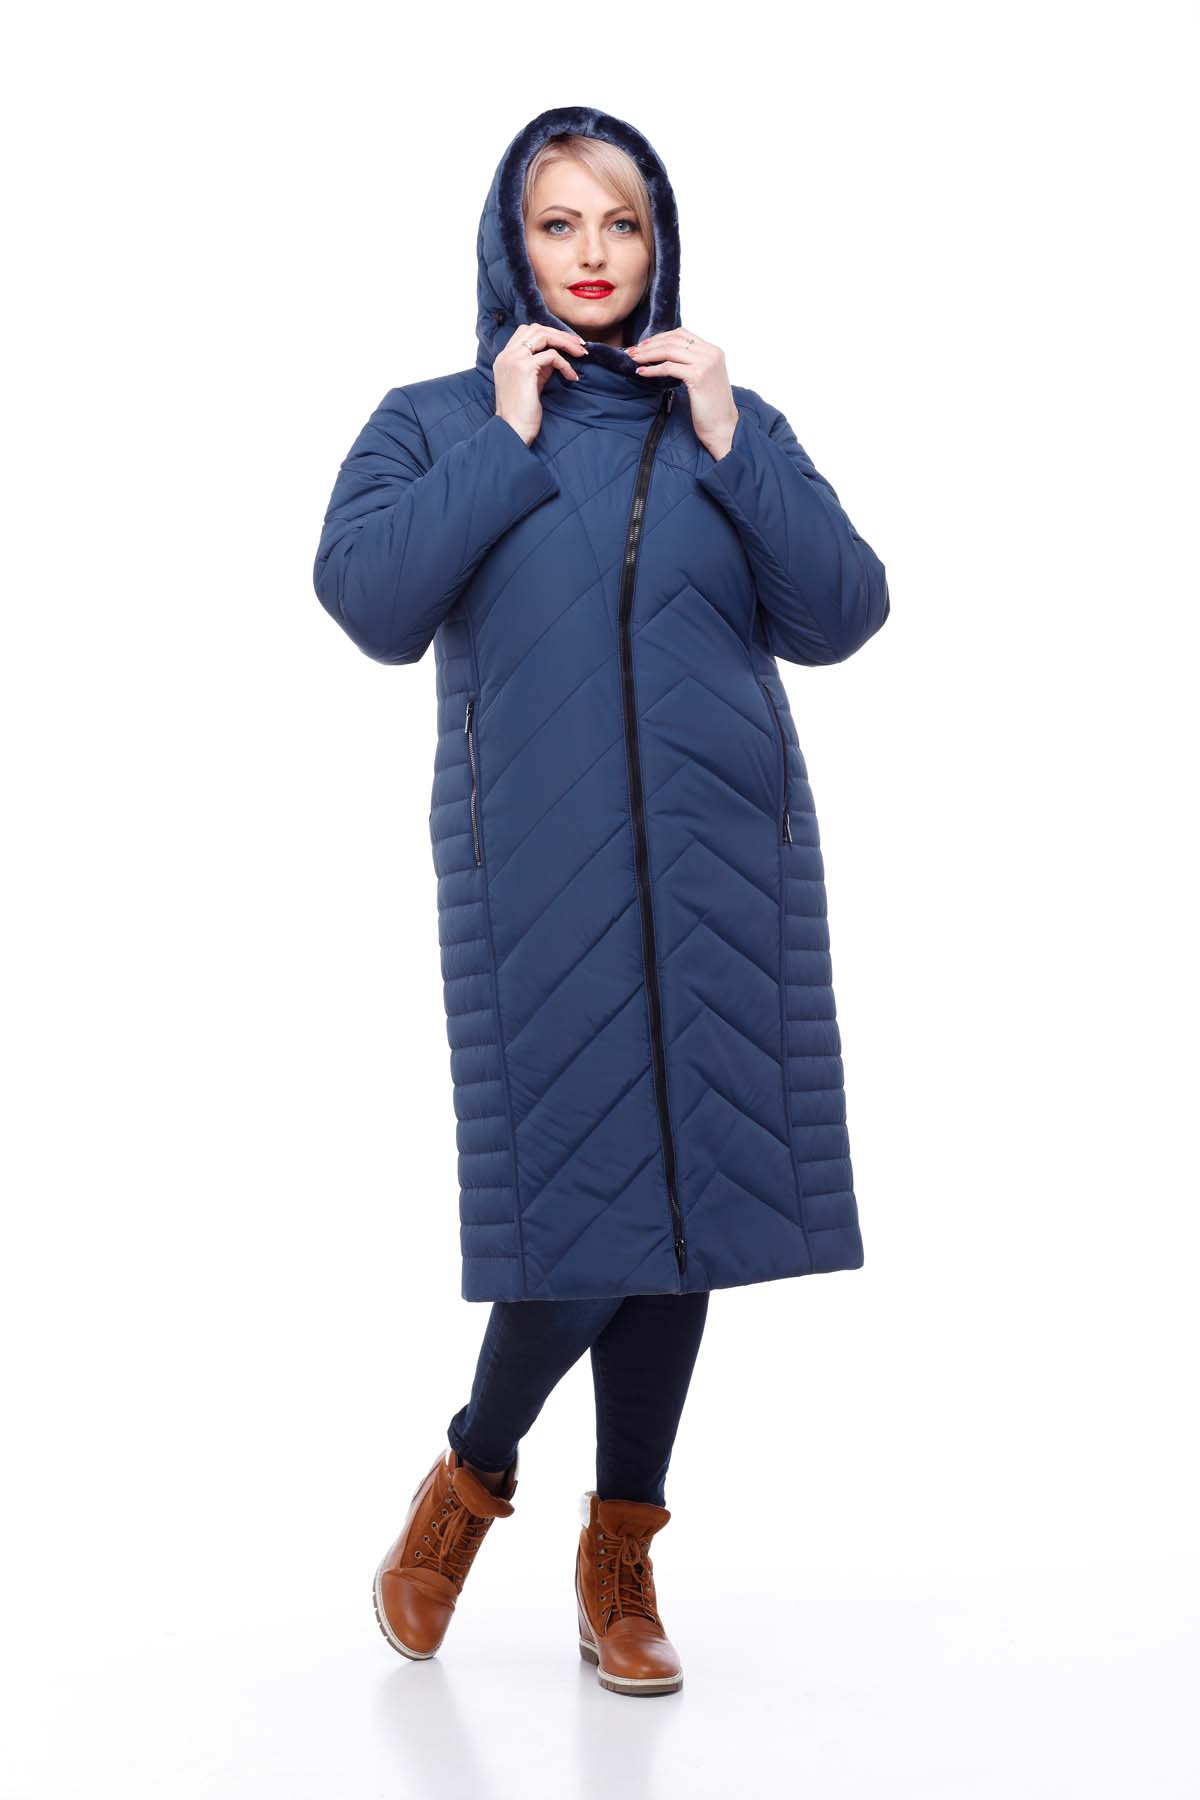 Зимове пальто стьогане Міра мутон Зима темно-синій